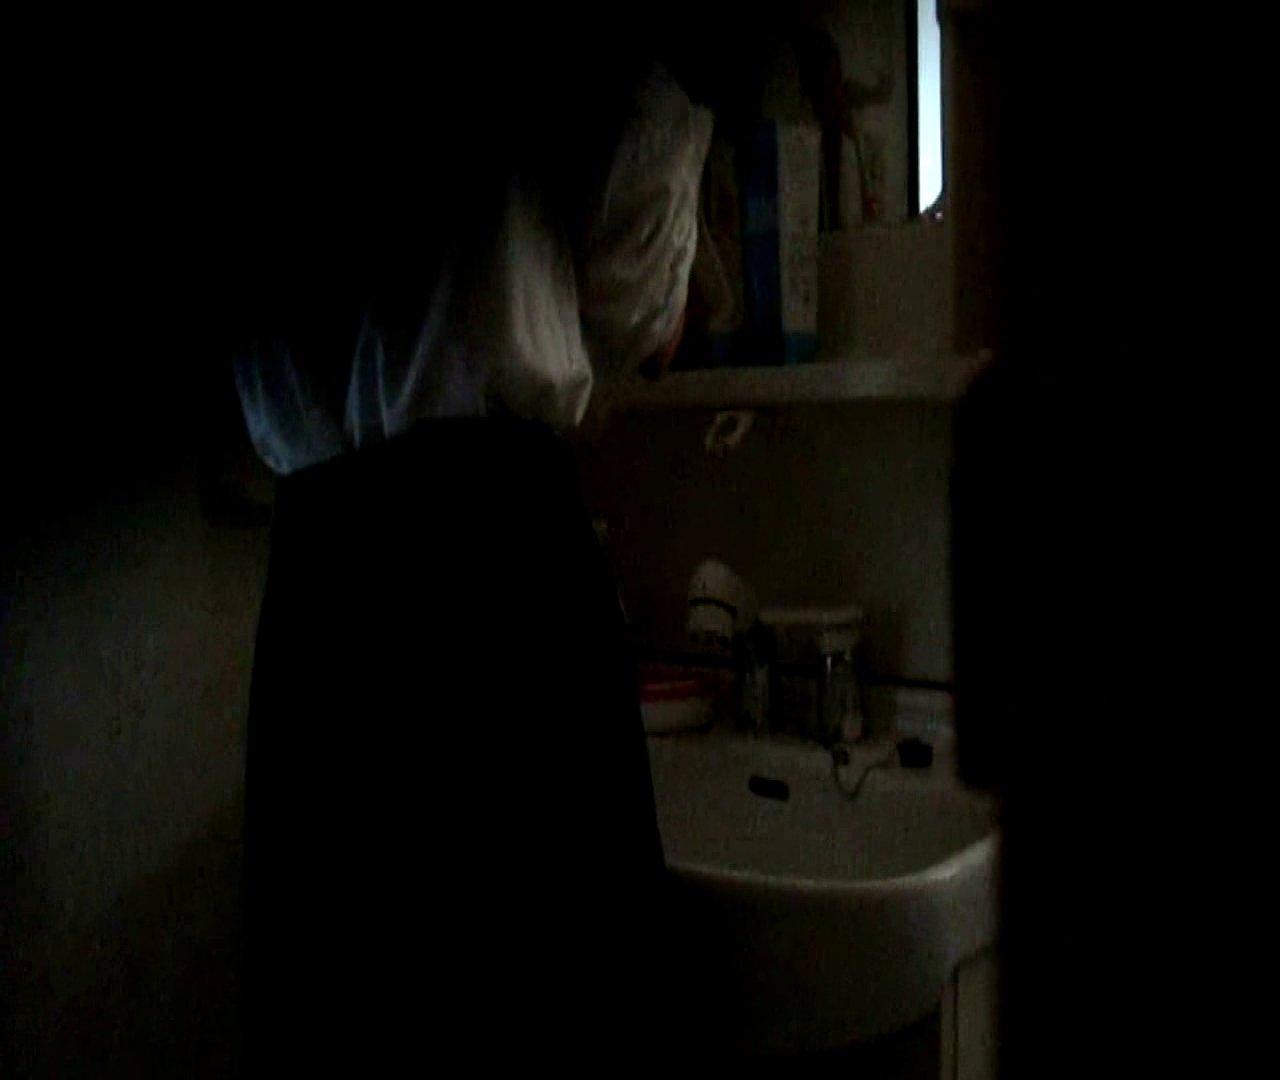 二人とも育てた甲斐がありました… vol.05 まどかが洗顔後にブラを洗濯 美しいOLの裸体 | 0  102pic 39